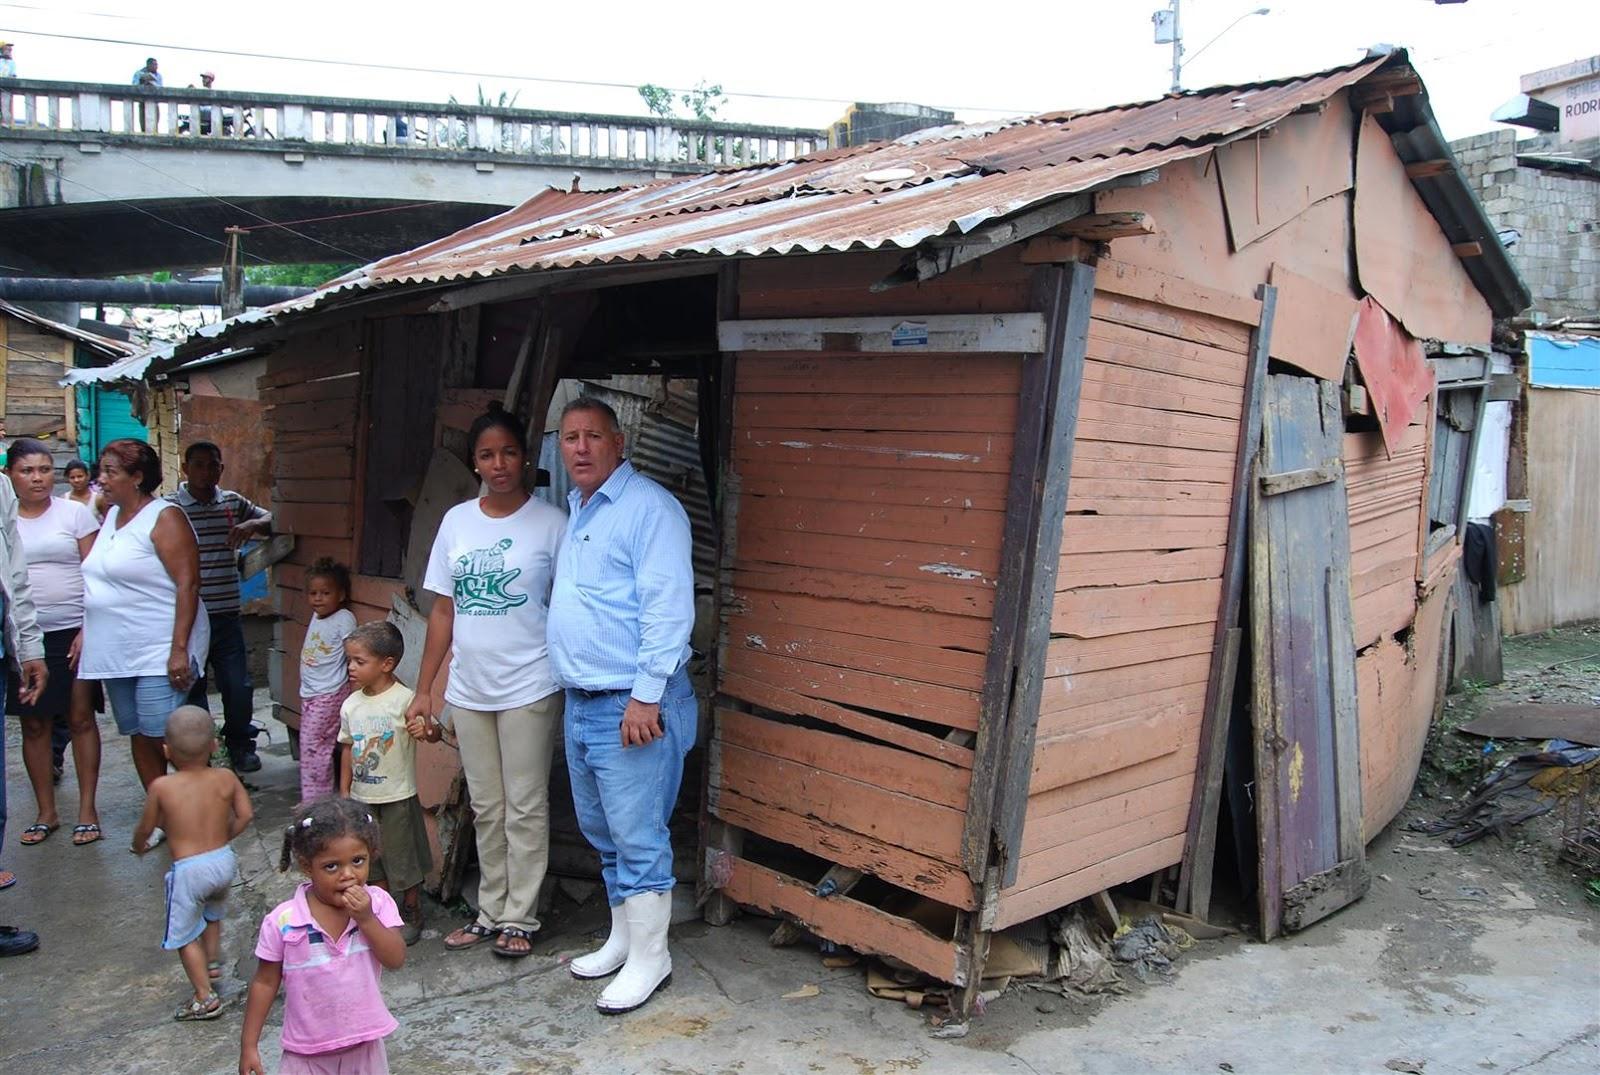 Alcalde gilberto serulle for Oficina xestion de multas concello de santiago